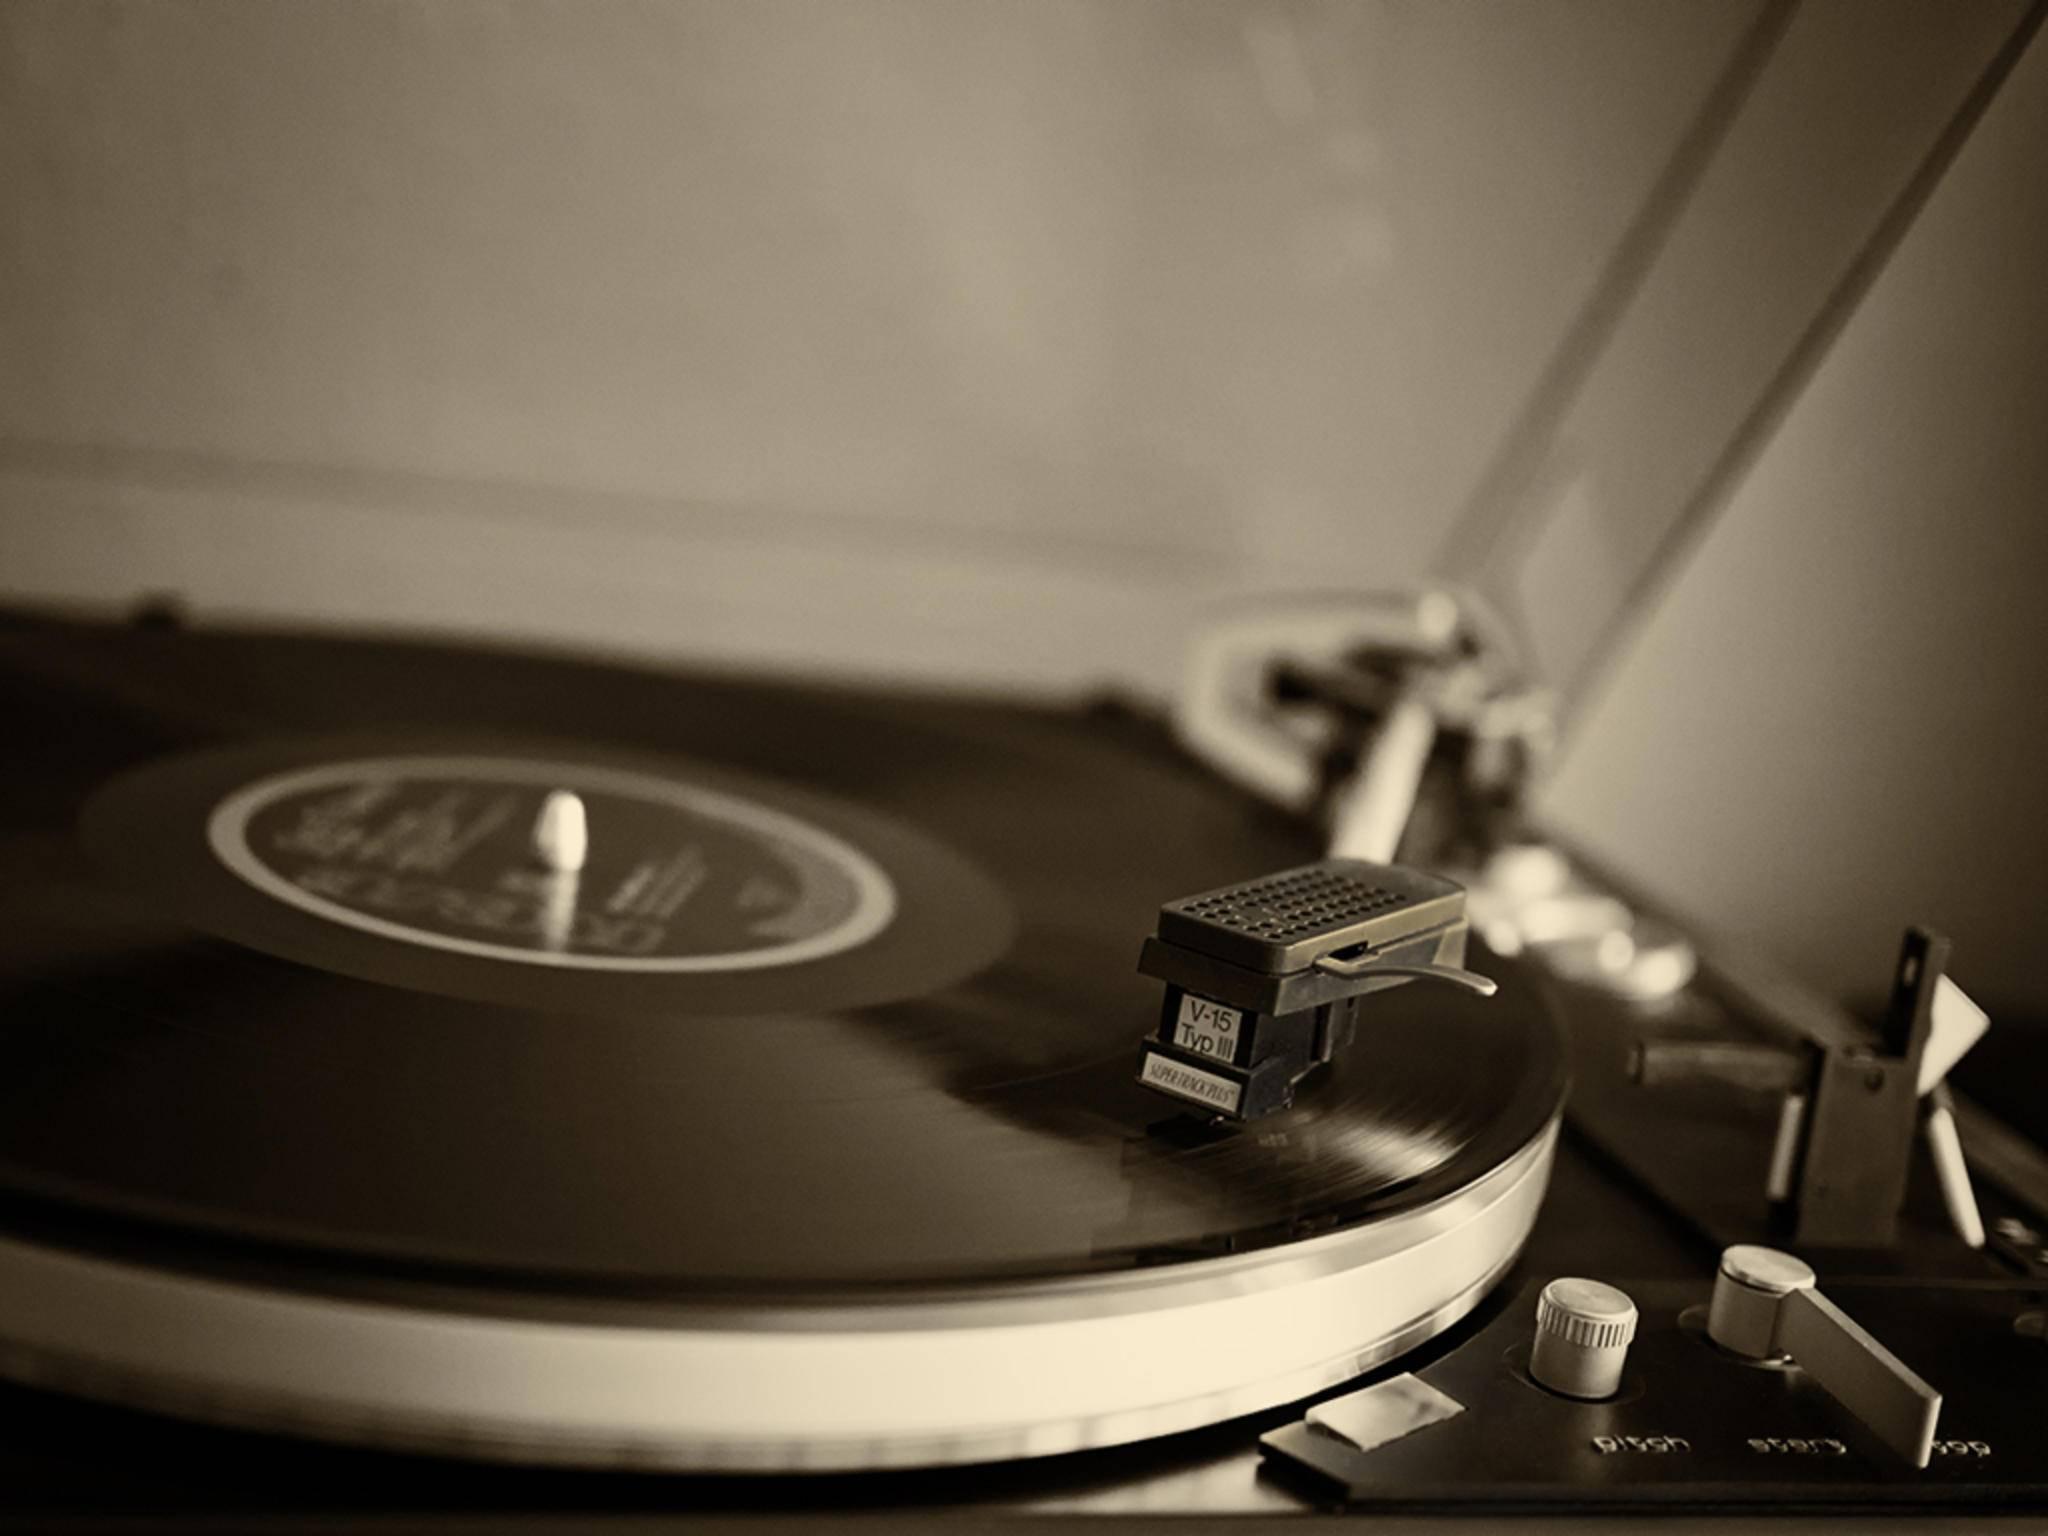 Schwarzes Gold: Vinyl auf dem Plattenteller sieht schick aus und klingt gut. Nur unterwegs taugt das Format nicht viel.